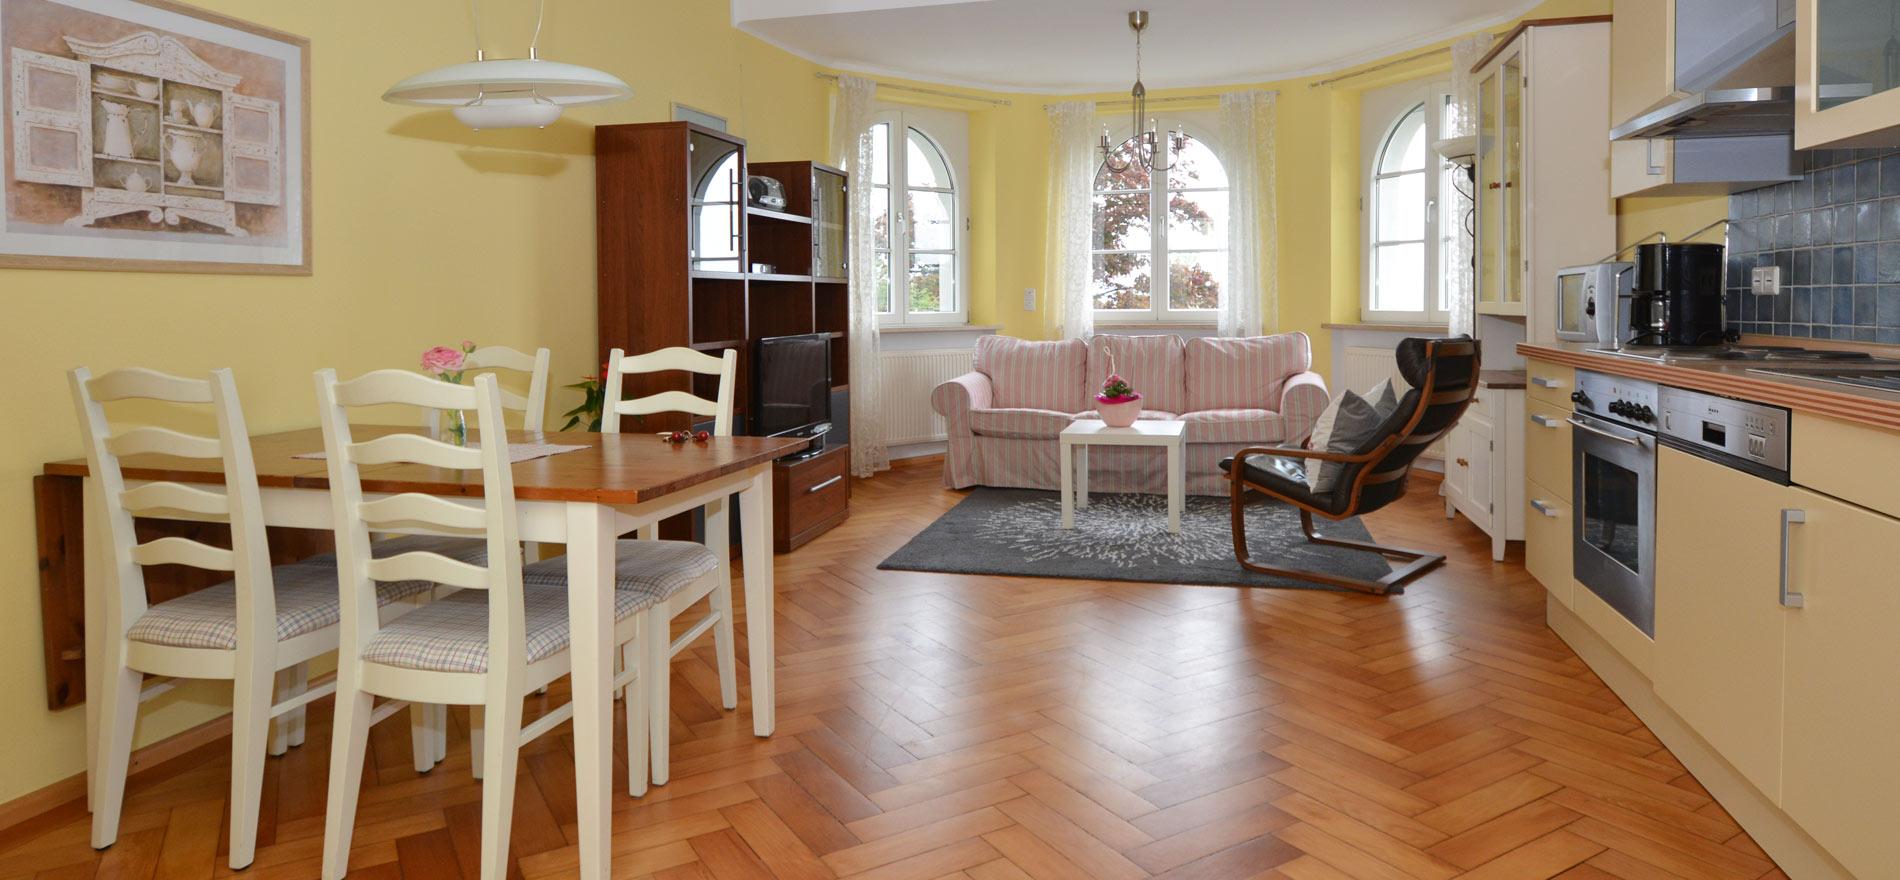 Ferienwohnung Pfarrhaus in Meersburg - Wohnung 3 1